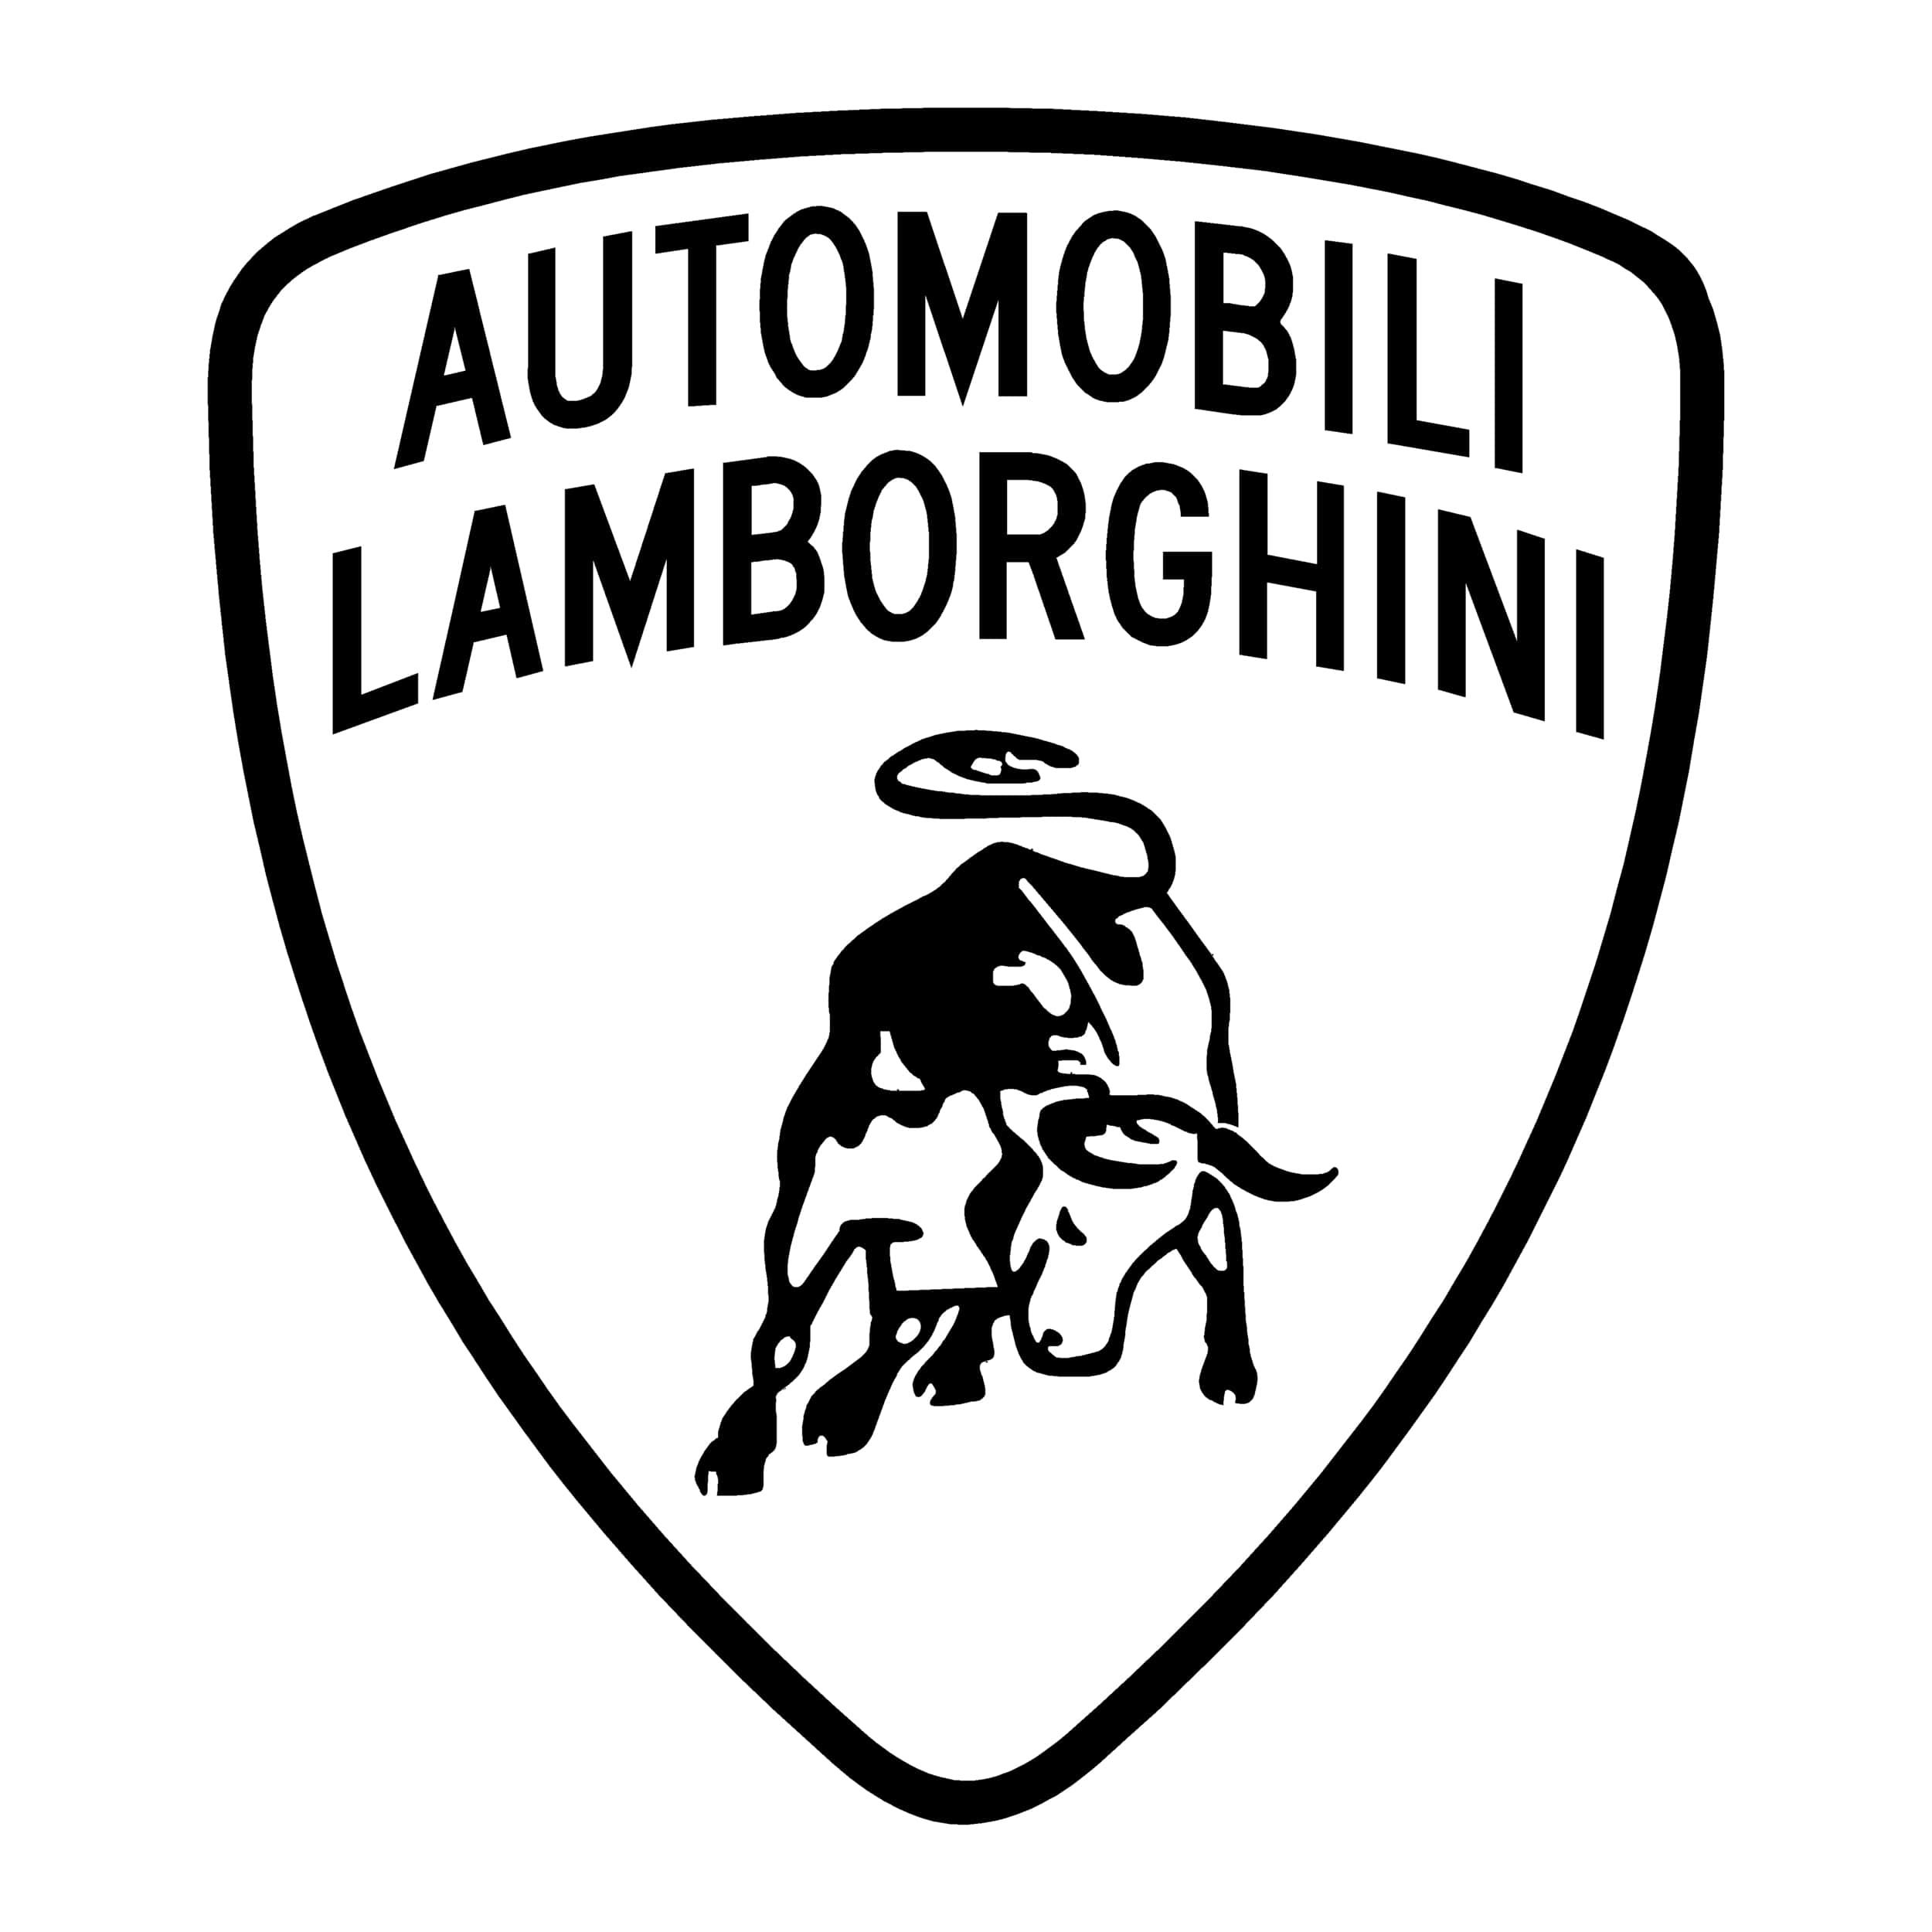 stickers lamborghini logo - autocollant voiture